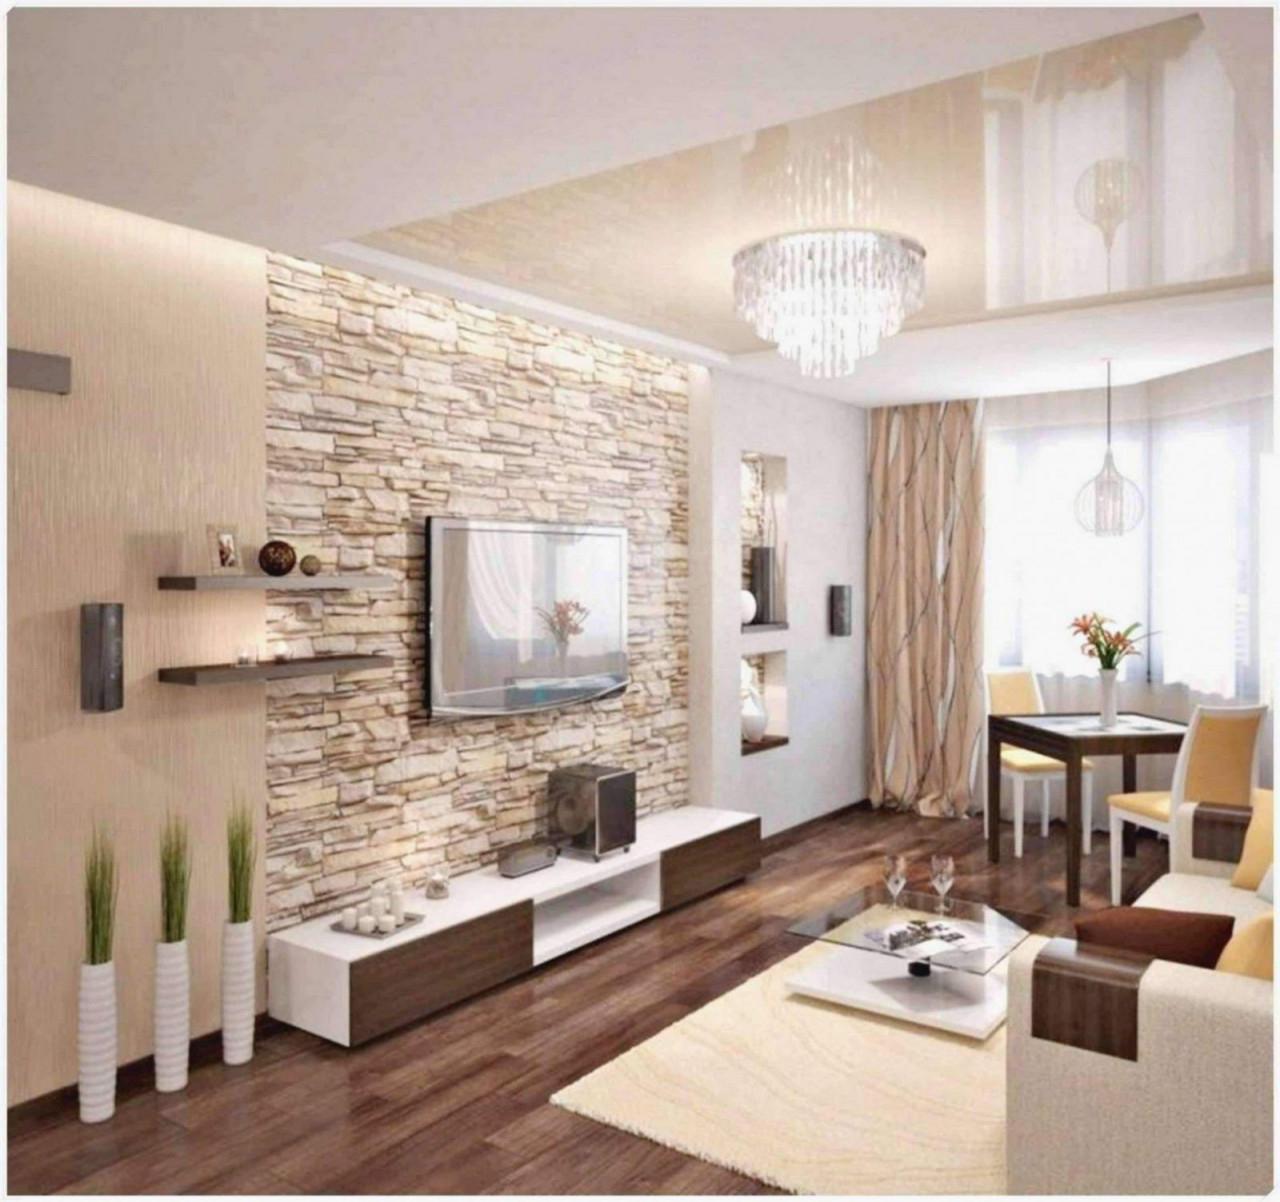 Deko Wand Wohnzimmer Frisch Luxury Dekoration Wohnzimmer Von von Wände Im Wohnzimmer Gestalten Photo